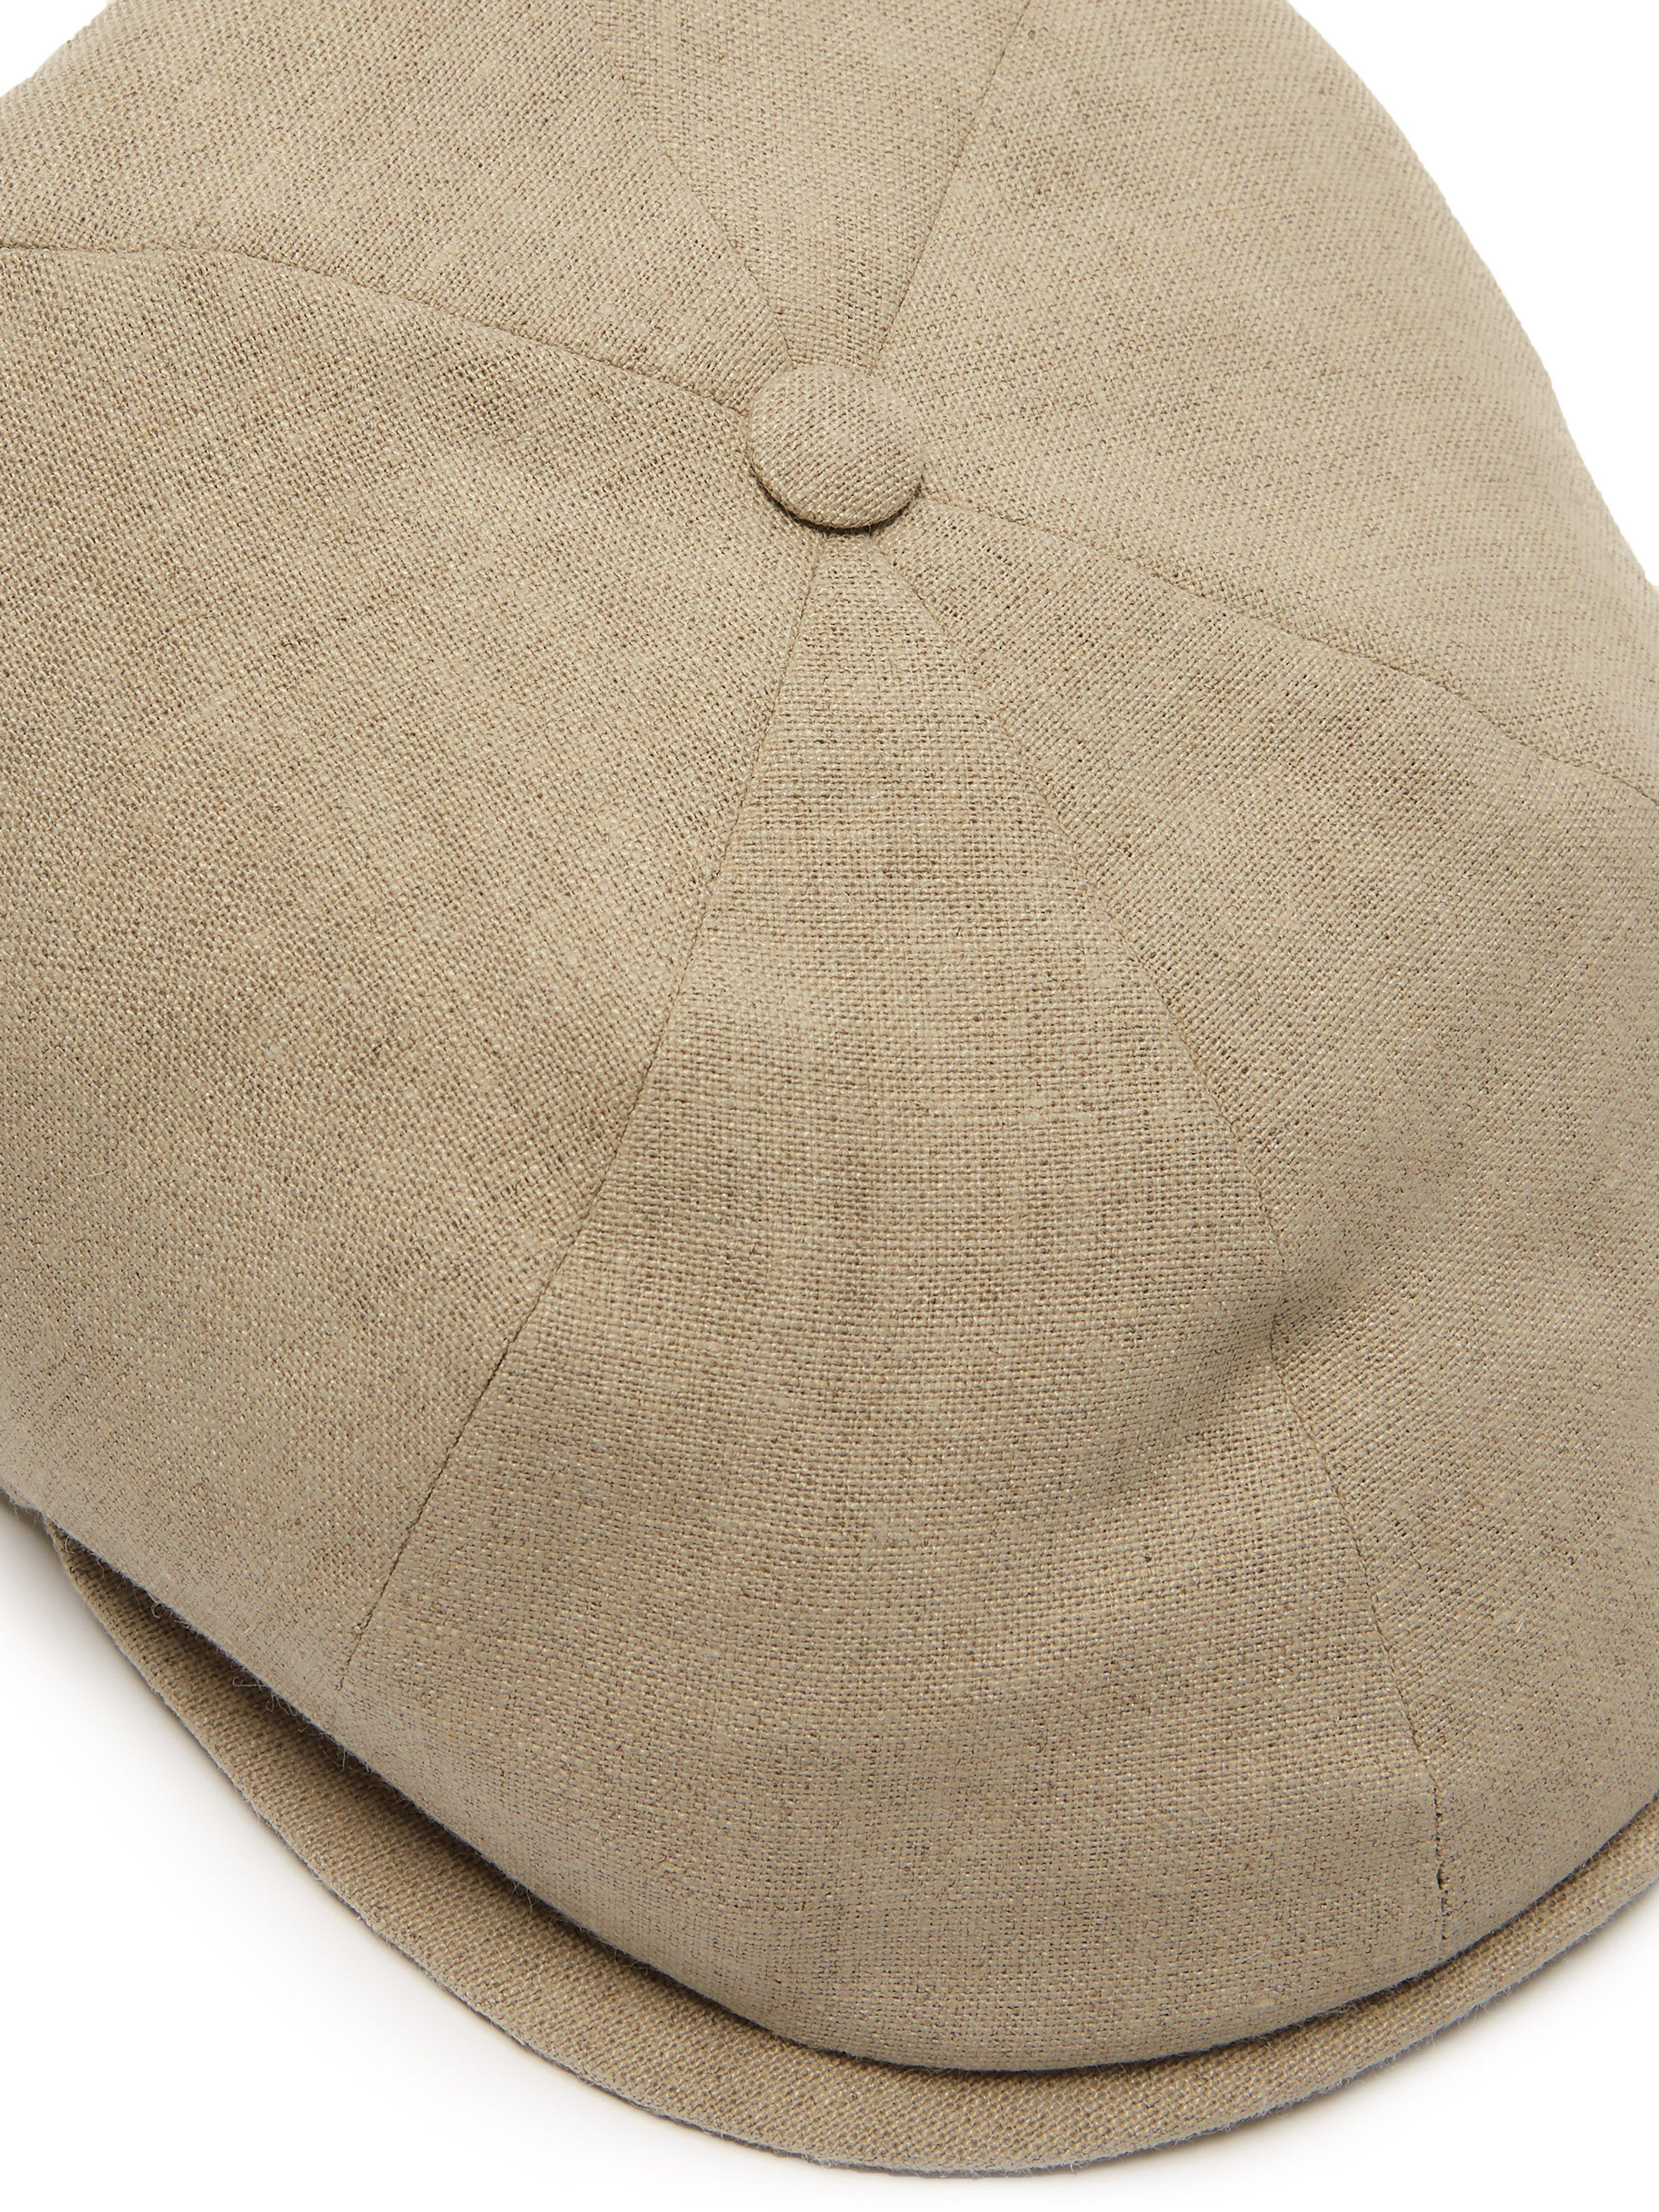 3c81923661c Lock   Co - Natural Reverb Linen Canvas Flat Cap for Men - Lyst. View  fullscreen